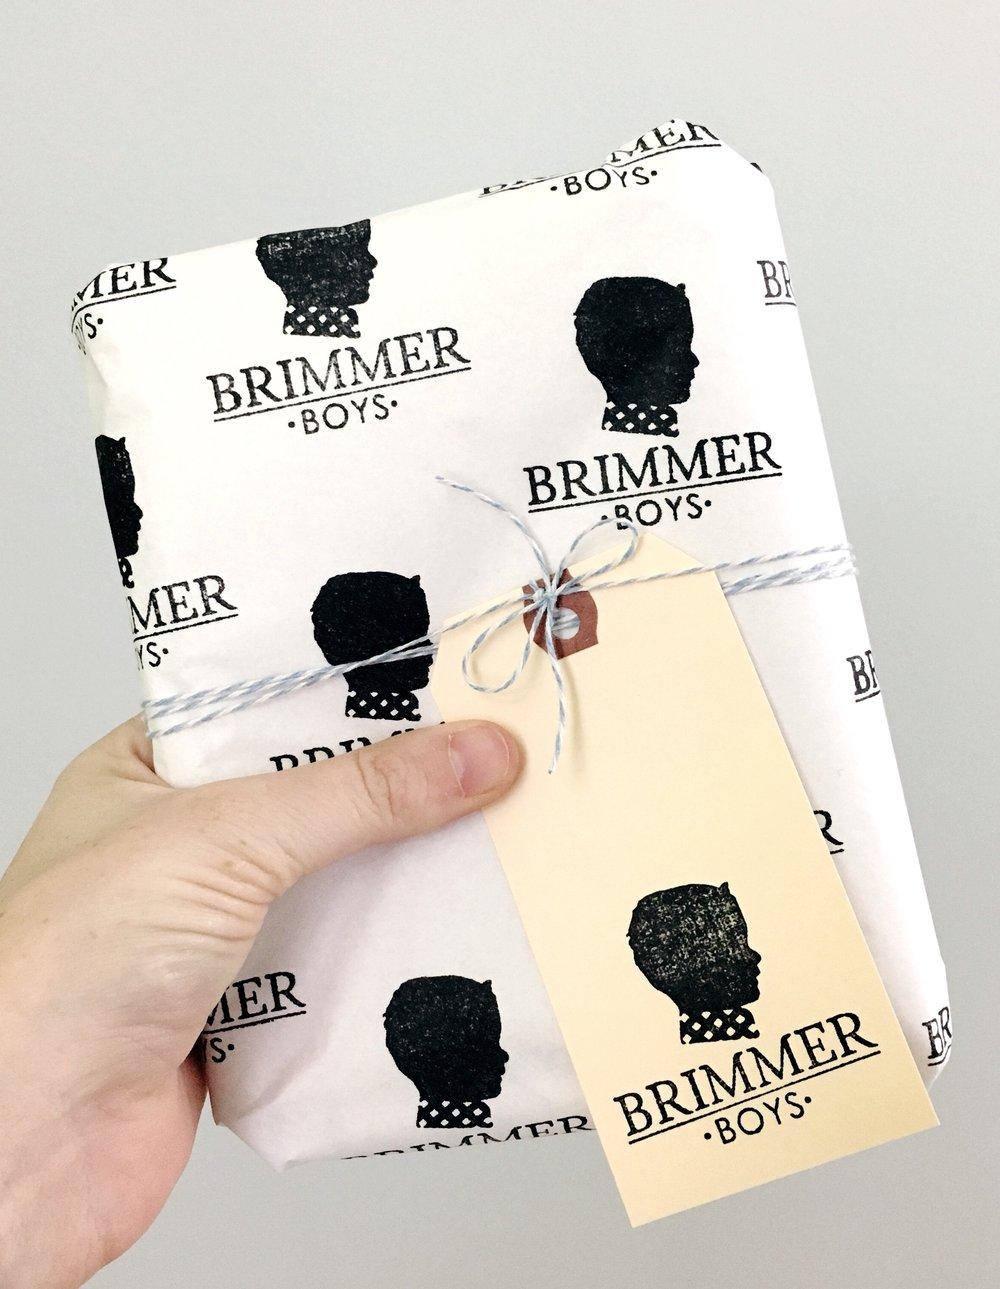 Creatiate Stamps Packaging Ideas - The Creatiate DIY Blog 04777.jpg